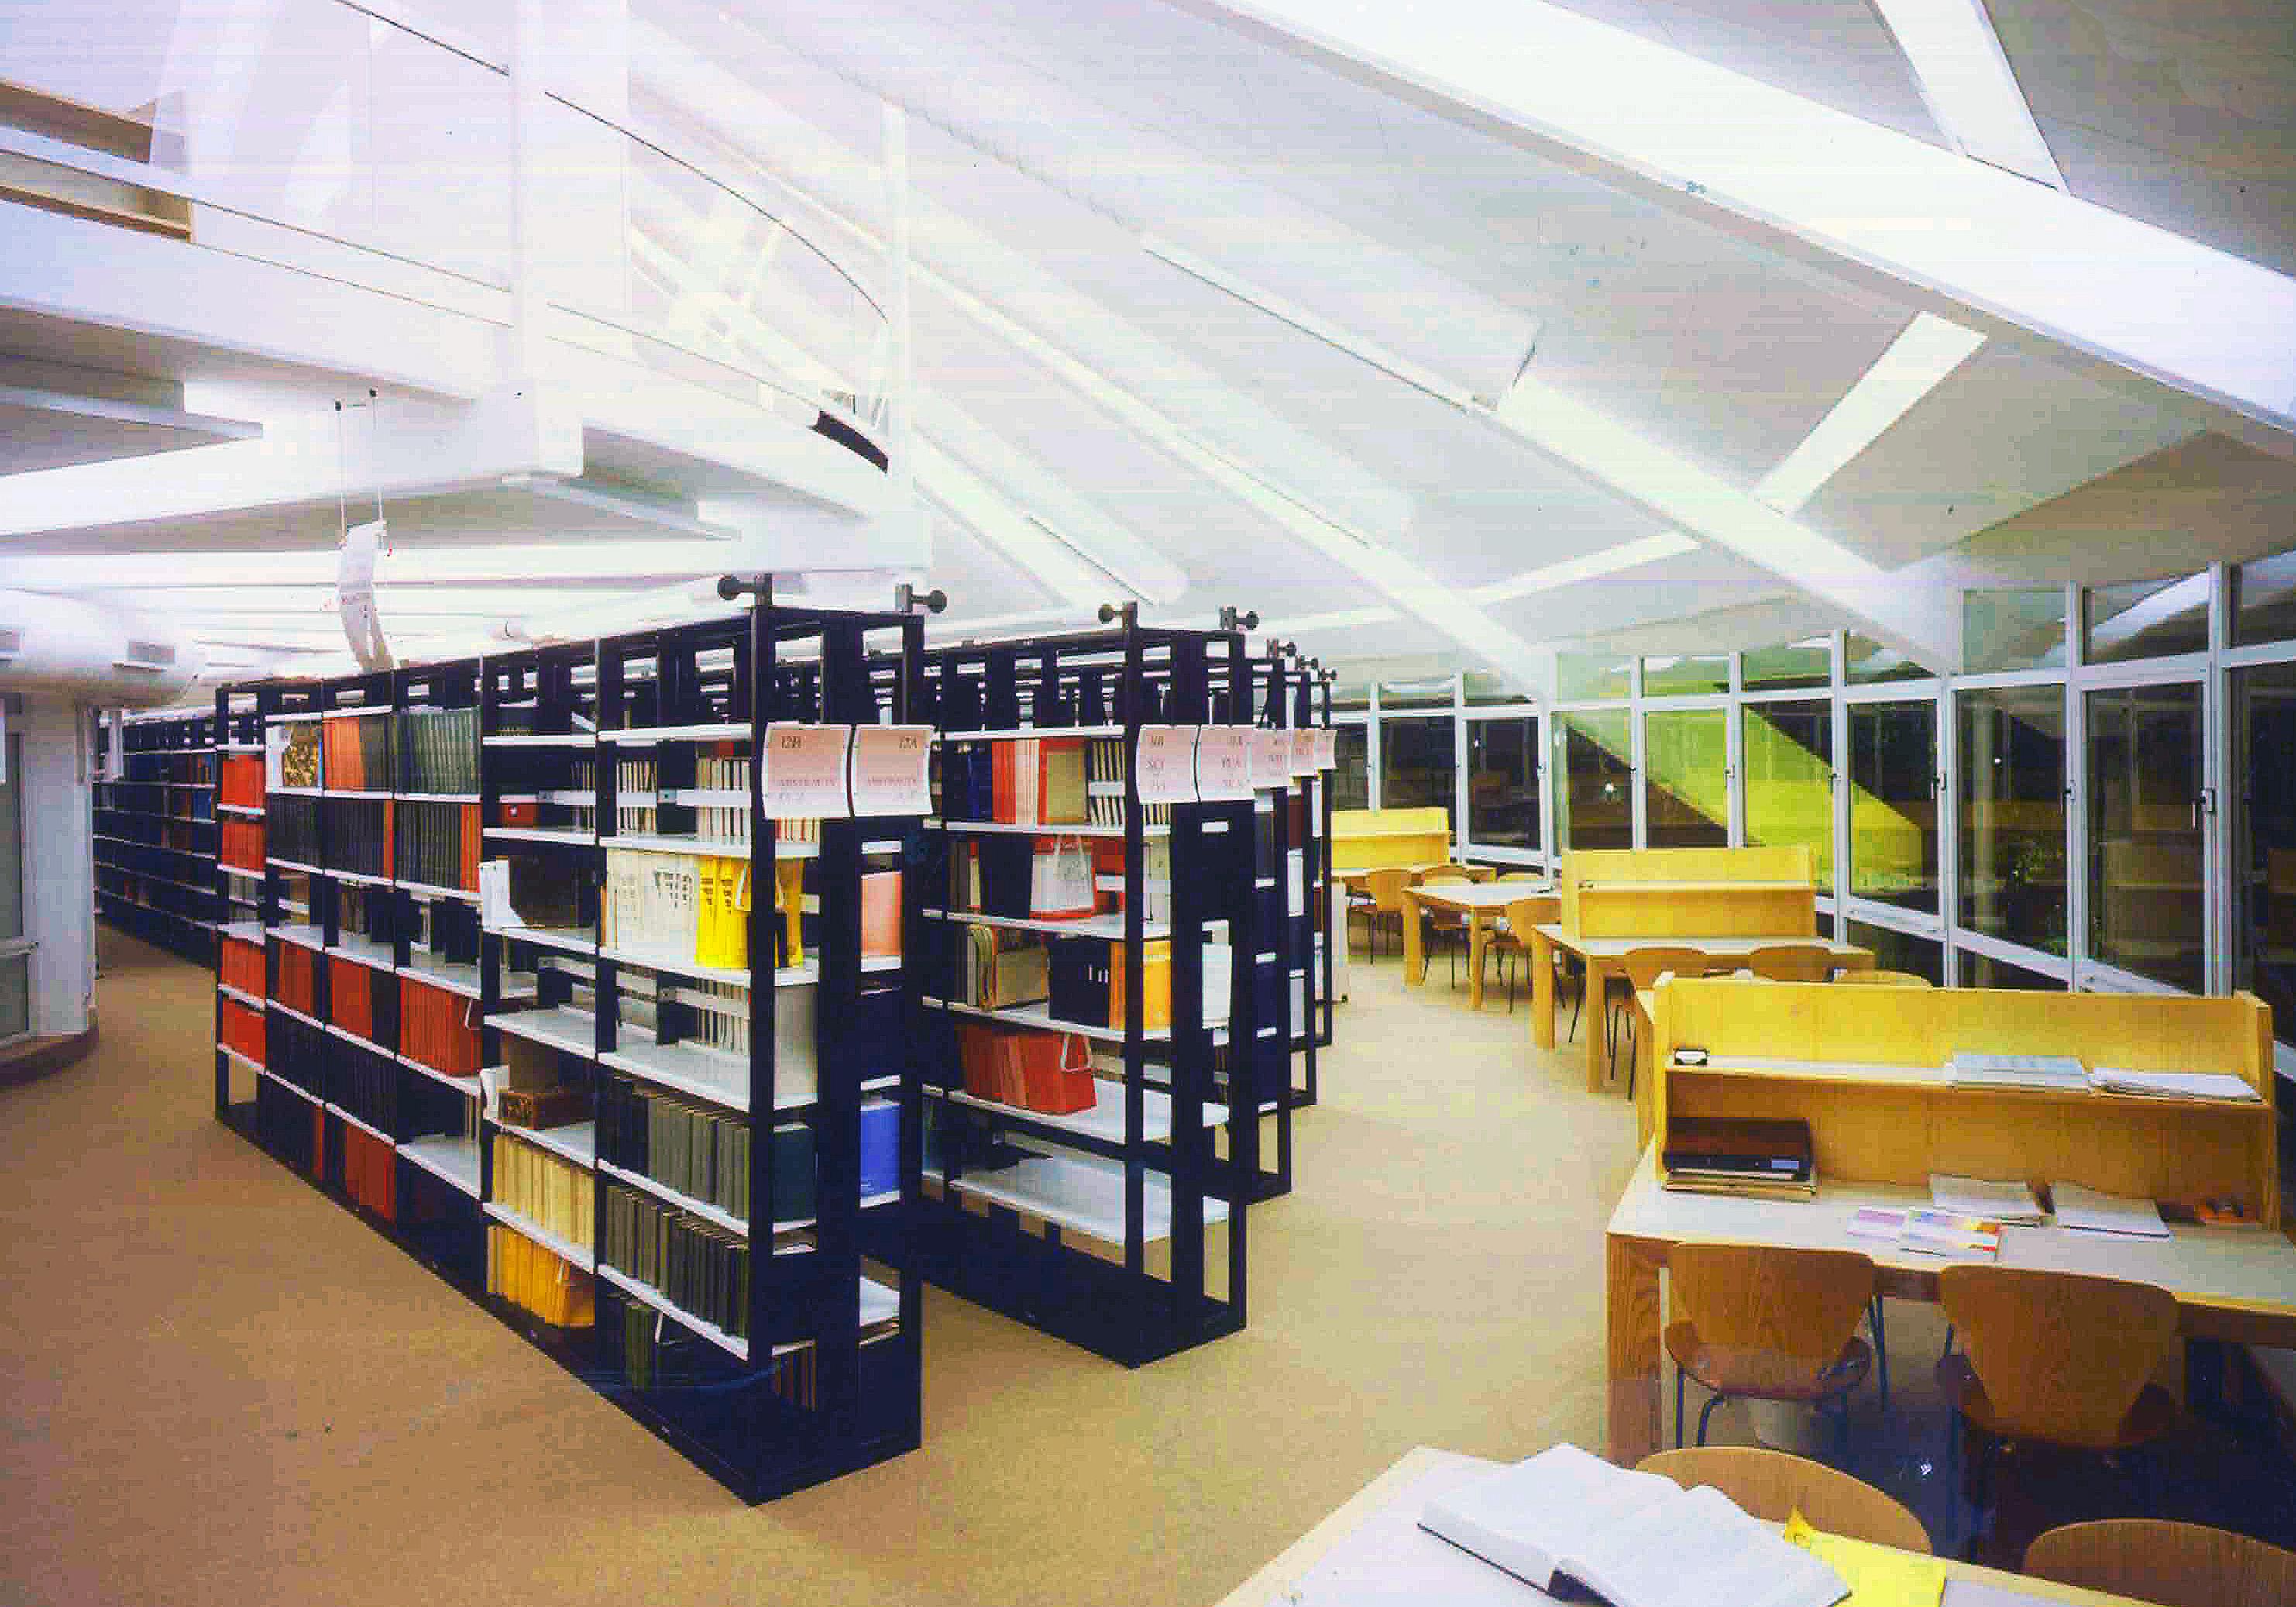 library inner shelfs